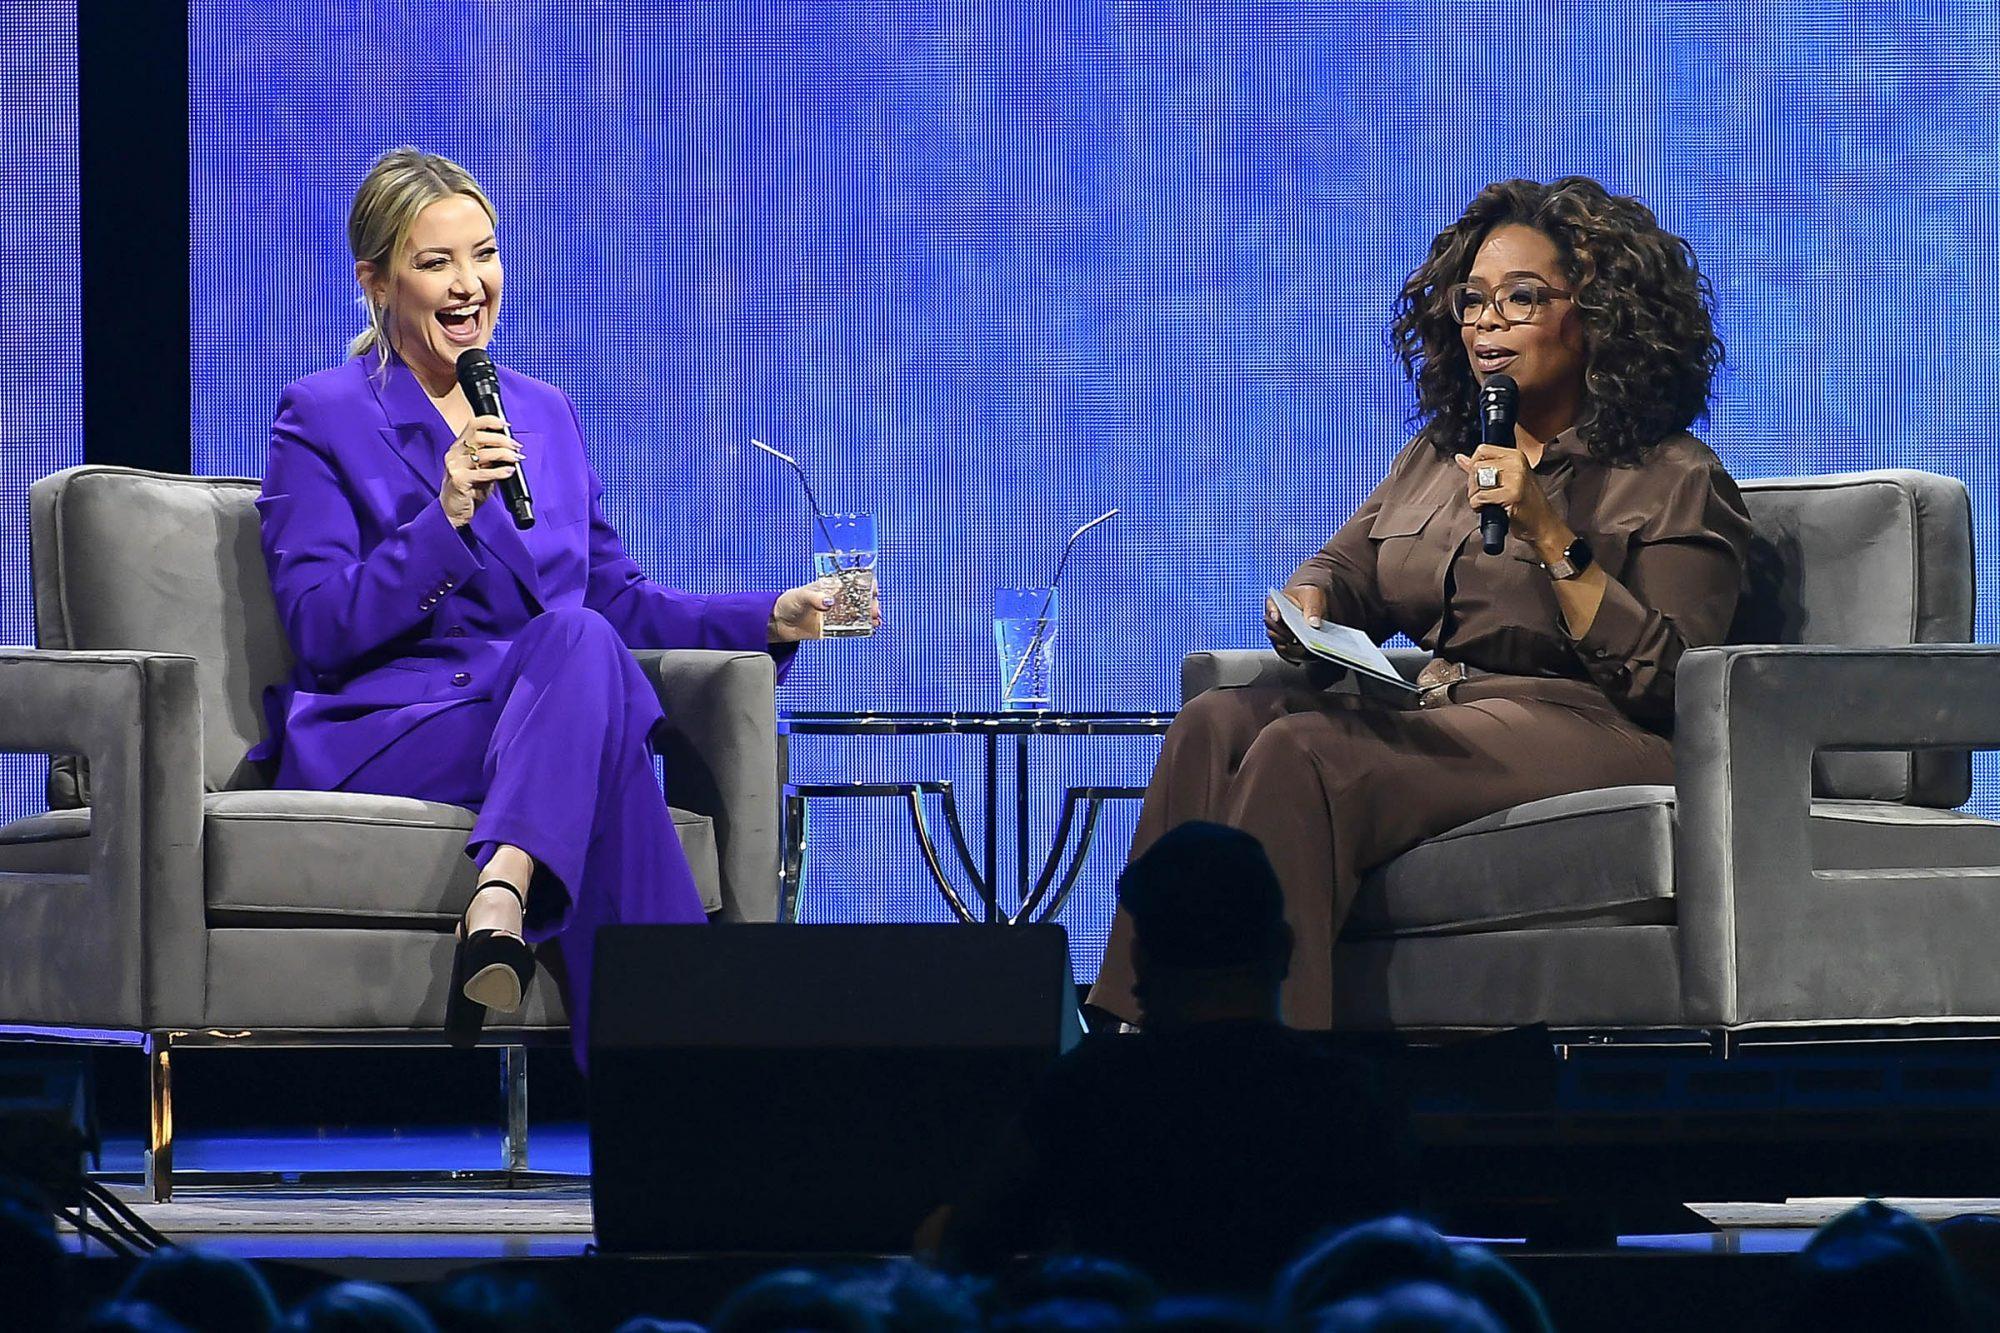 Kate Hudson and Oprah Winfrey